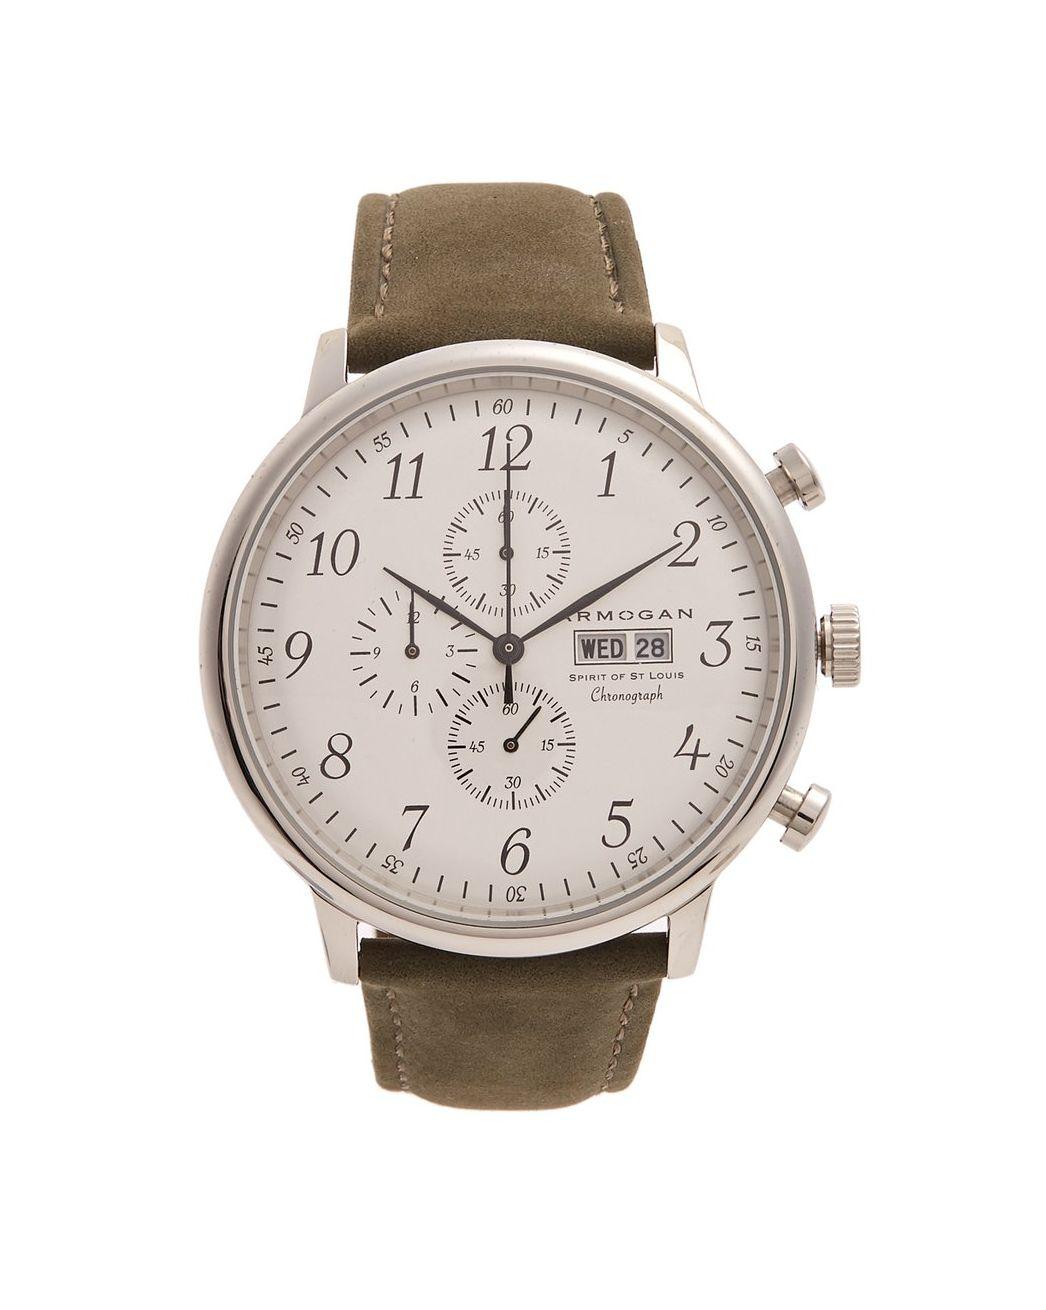 Reloj hombre, reloj deportivo, reloj Armogan